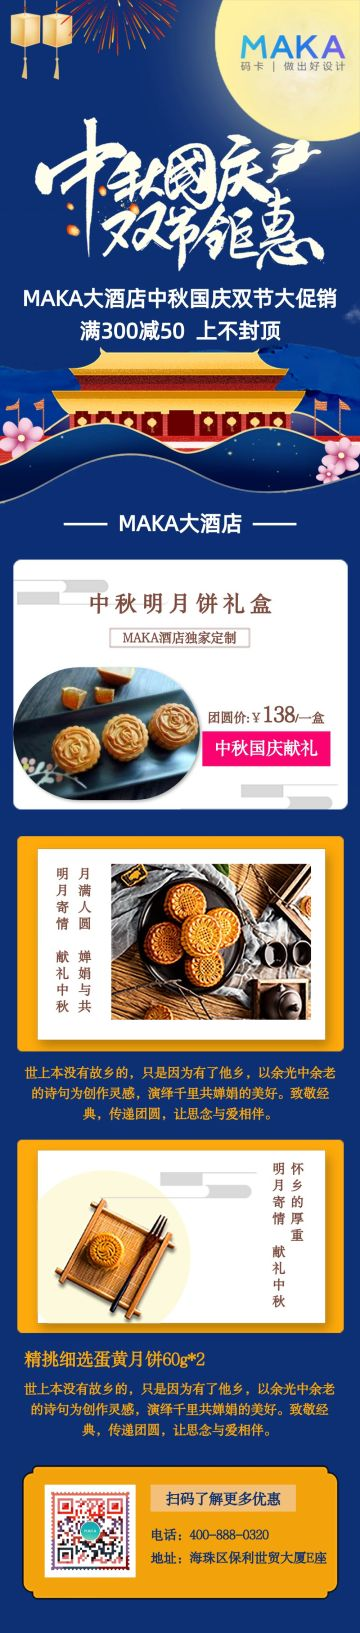 蓝色中国风中秋国庆月饼双节大促宣传文章长图